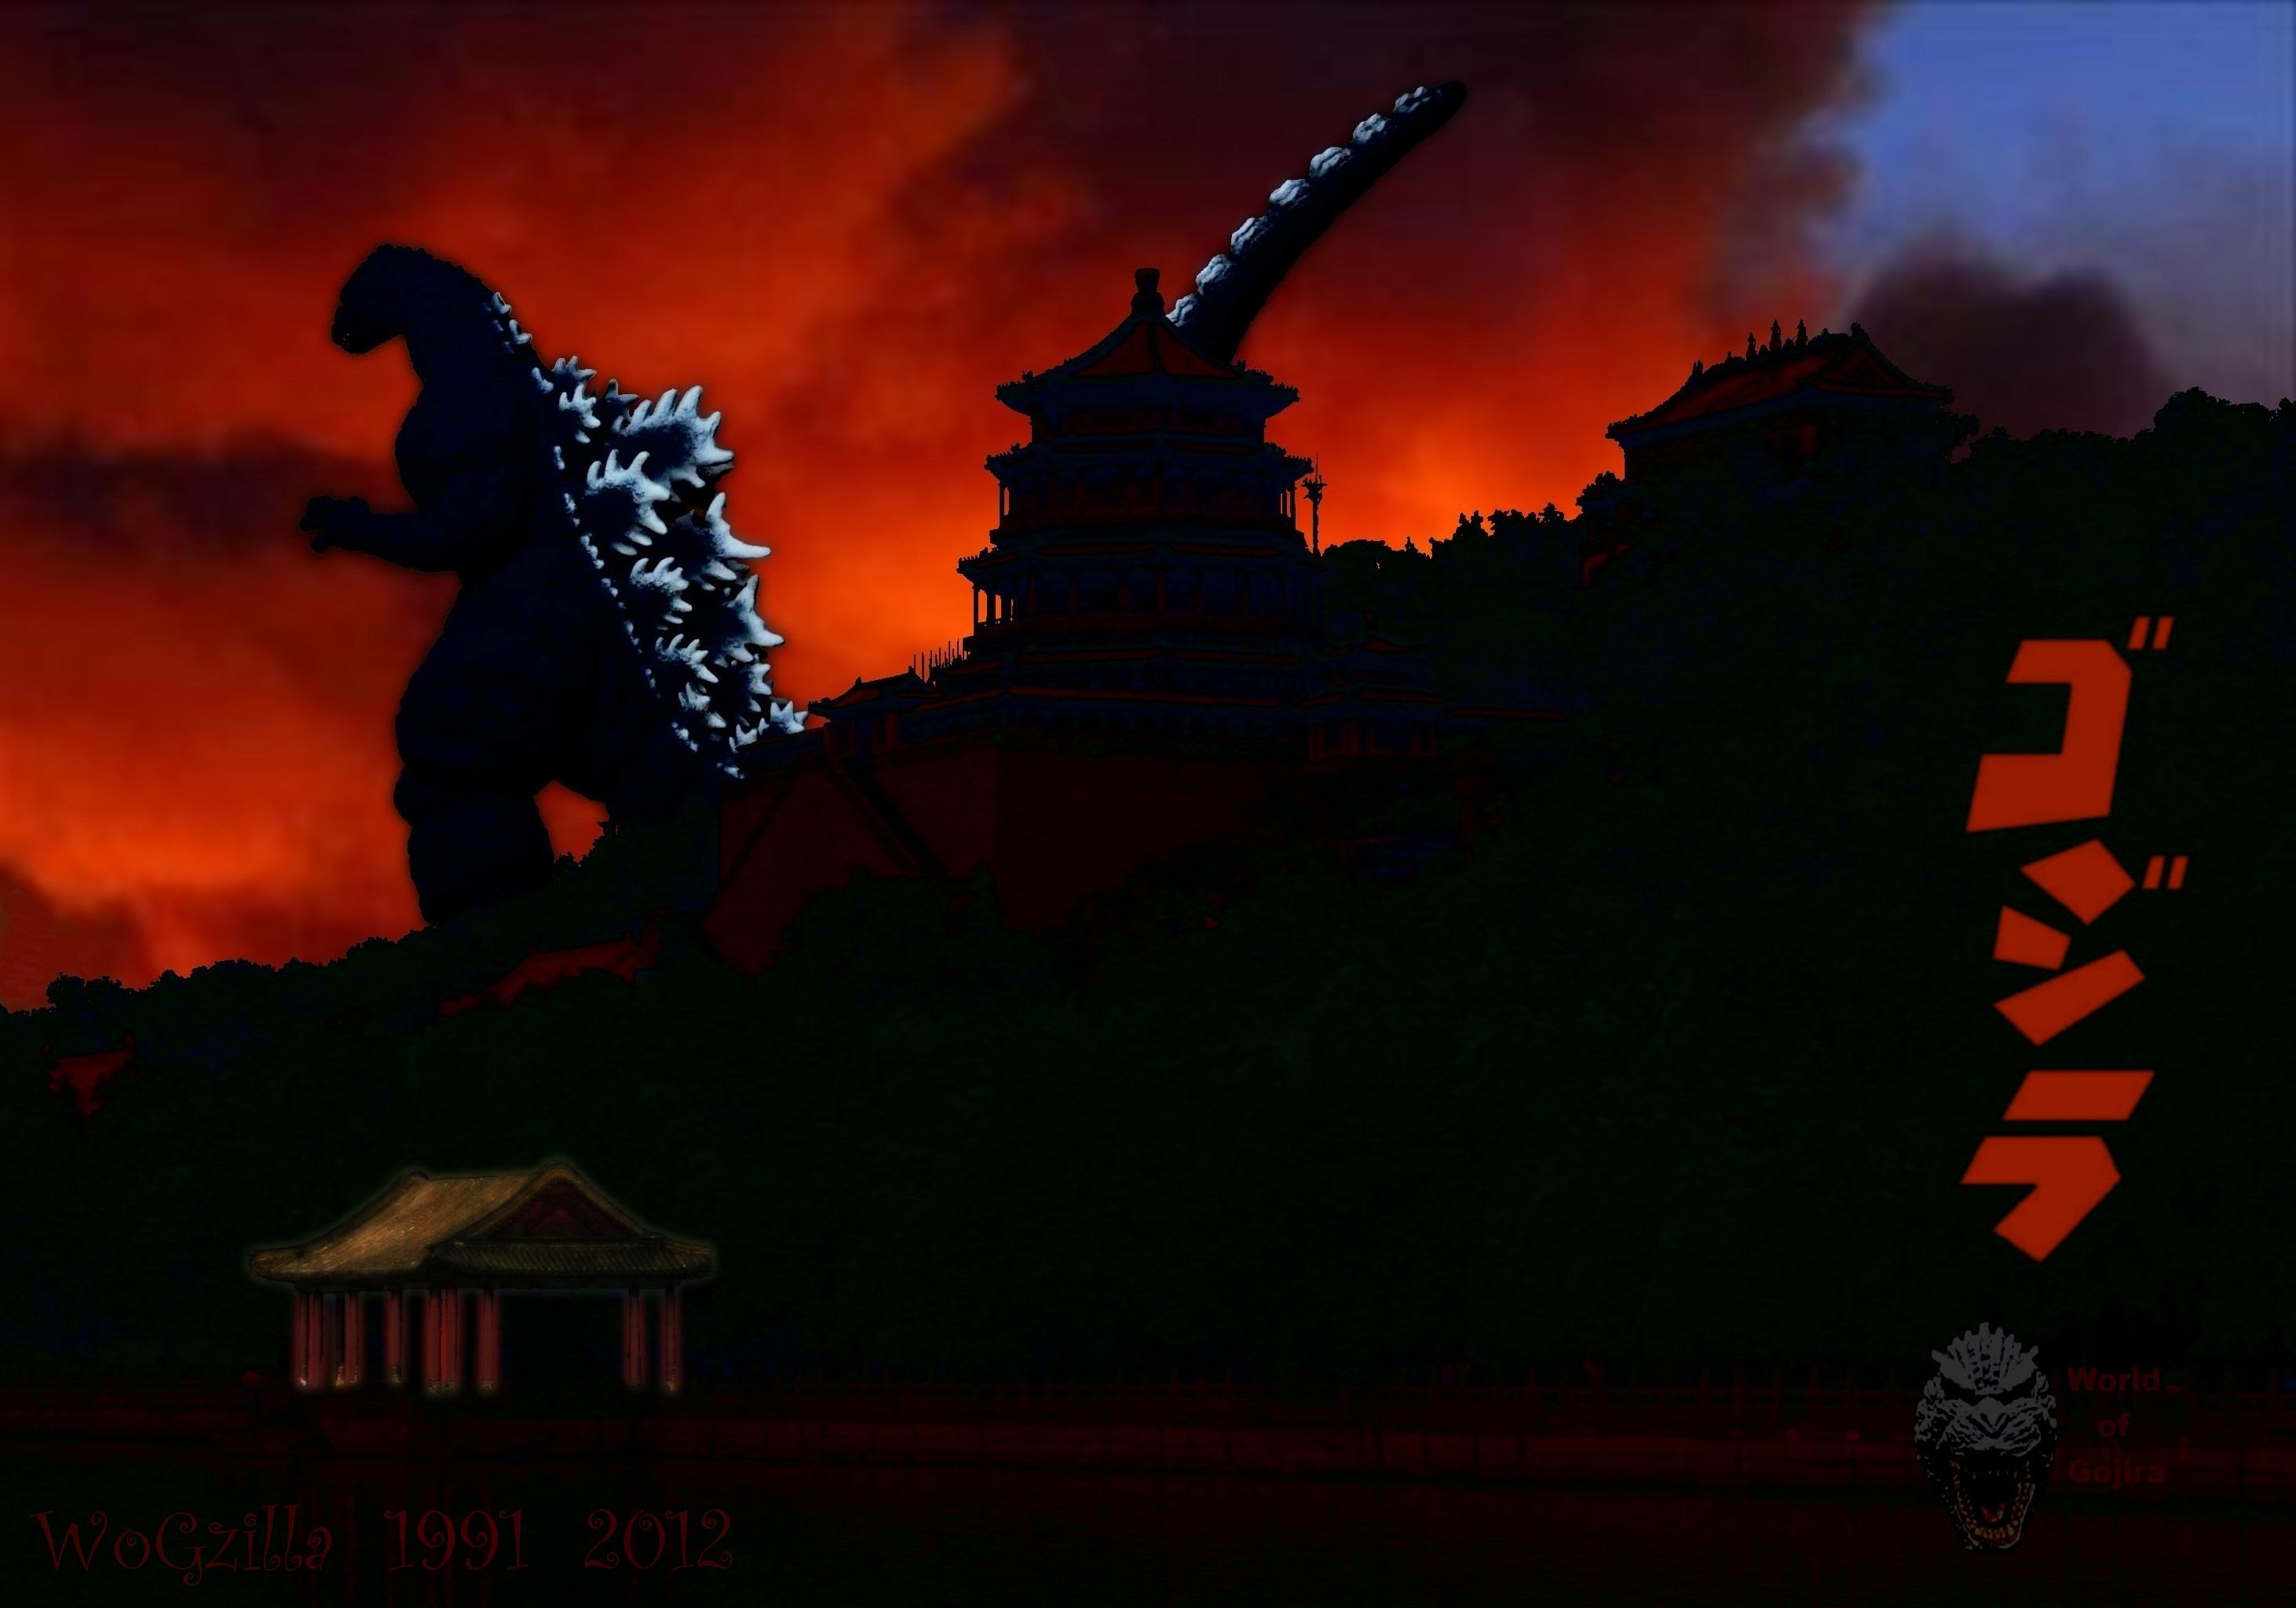 wallpaper godzilla monster dinosaur - photo #26